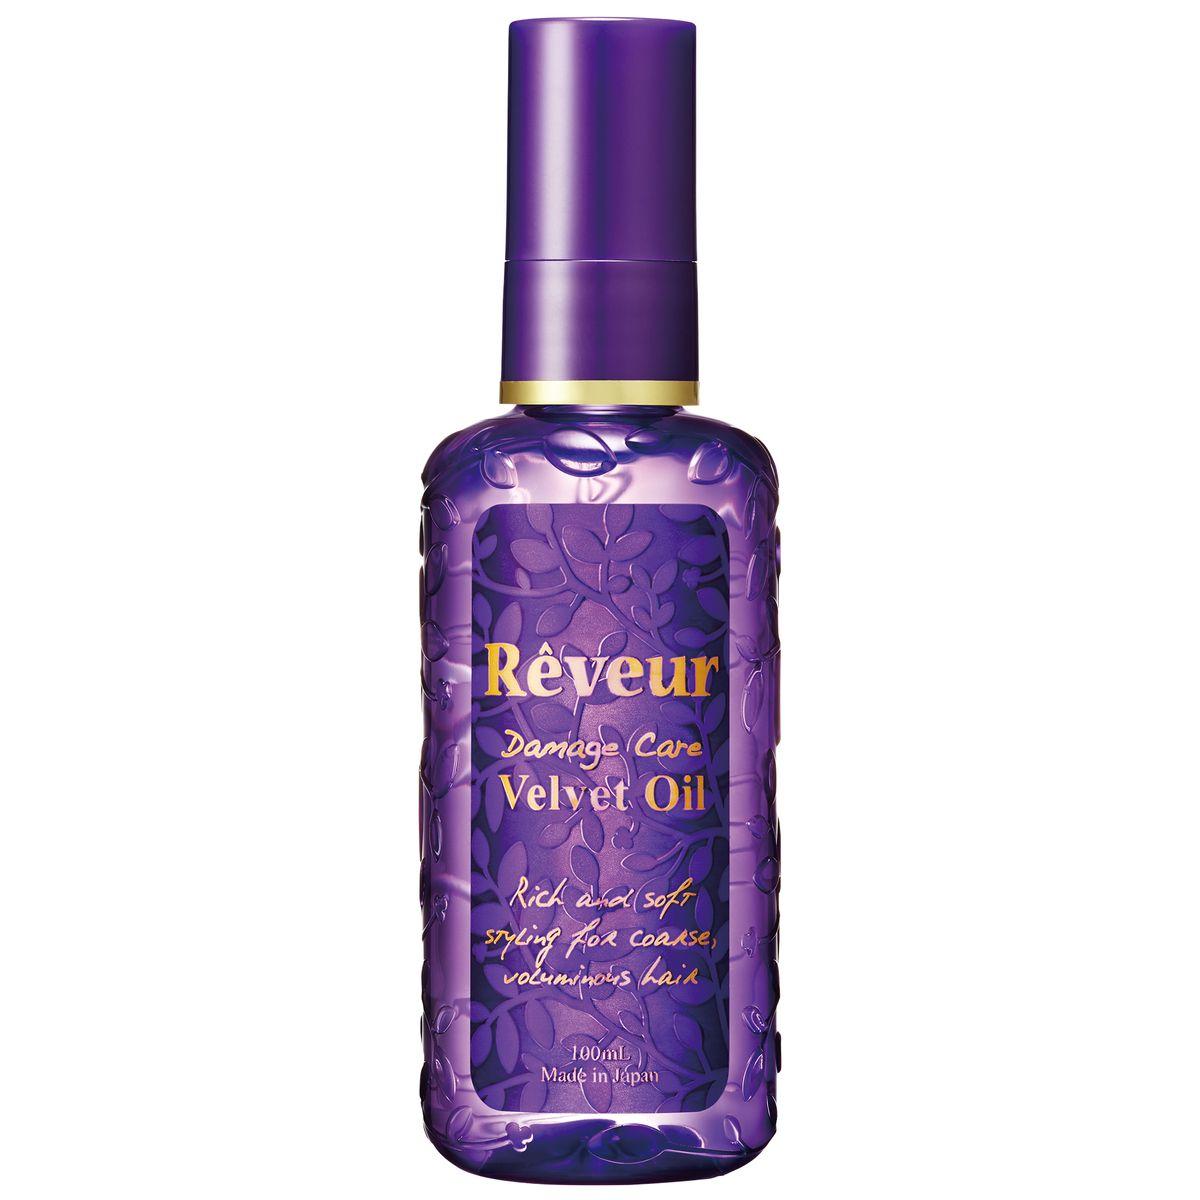 Reveur Масло для волос Velvet Oil Увлажнение и блеск, 100 млAC-2233_серыйВ состав Reveur Velvet Oil входят натуральные природные масла, которые питают волос изнутри, восстанавливая структуру и возвращая ему блеск, сияние и упругость. Специально подобранные экстракты растений восстанавливают кутикулу, не утяжеляя волосы. Легкое нанесение и распределение, без склеивания.Масло Reveur Velvet Oil восстанавливает волосы, увлажняет и дает ощущение мягкости.Рекомендуется: Для сухих волос Для жестких и объемных волос Для пушащихся волос Нежный и свежий аромат цветов.Способ применения: на влажные волосы, слегка просушенные полотенцем, нанести необходимое количество масла (1-2 нажатия помпы) и распределить по длине пальцами. Остатки средства втереть в кончики волос. В случае нанесения на сухие волосы, следует сократить количество масла.Состав: циклопентасилоксан, циклометикон, диметикон, гидрогенизированный полиизобутилен, стеарамид этил диэтониум сакцинол гидролизированный белок гороха, масло мурумуру, масло семян бурачника, пантенол, бисаболол, глицерин, изомер сахар (из пшеницы), токоферол, вода, ароматизатор.